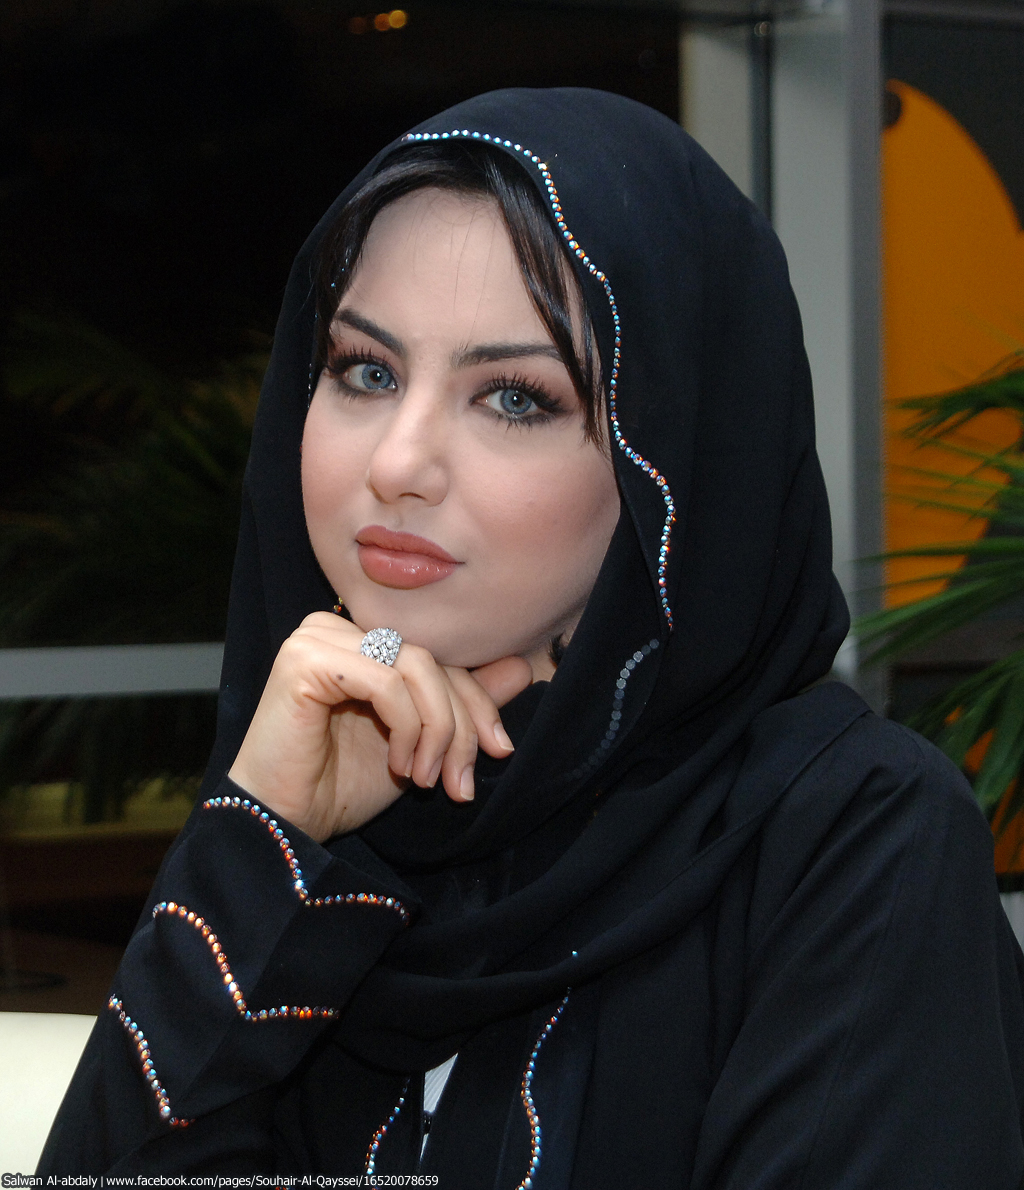 صورة بنات ايران, ماشاء الله على الجمال